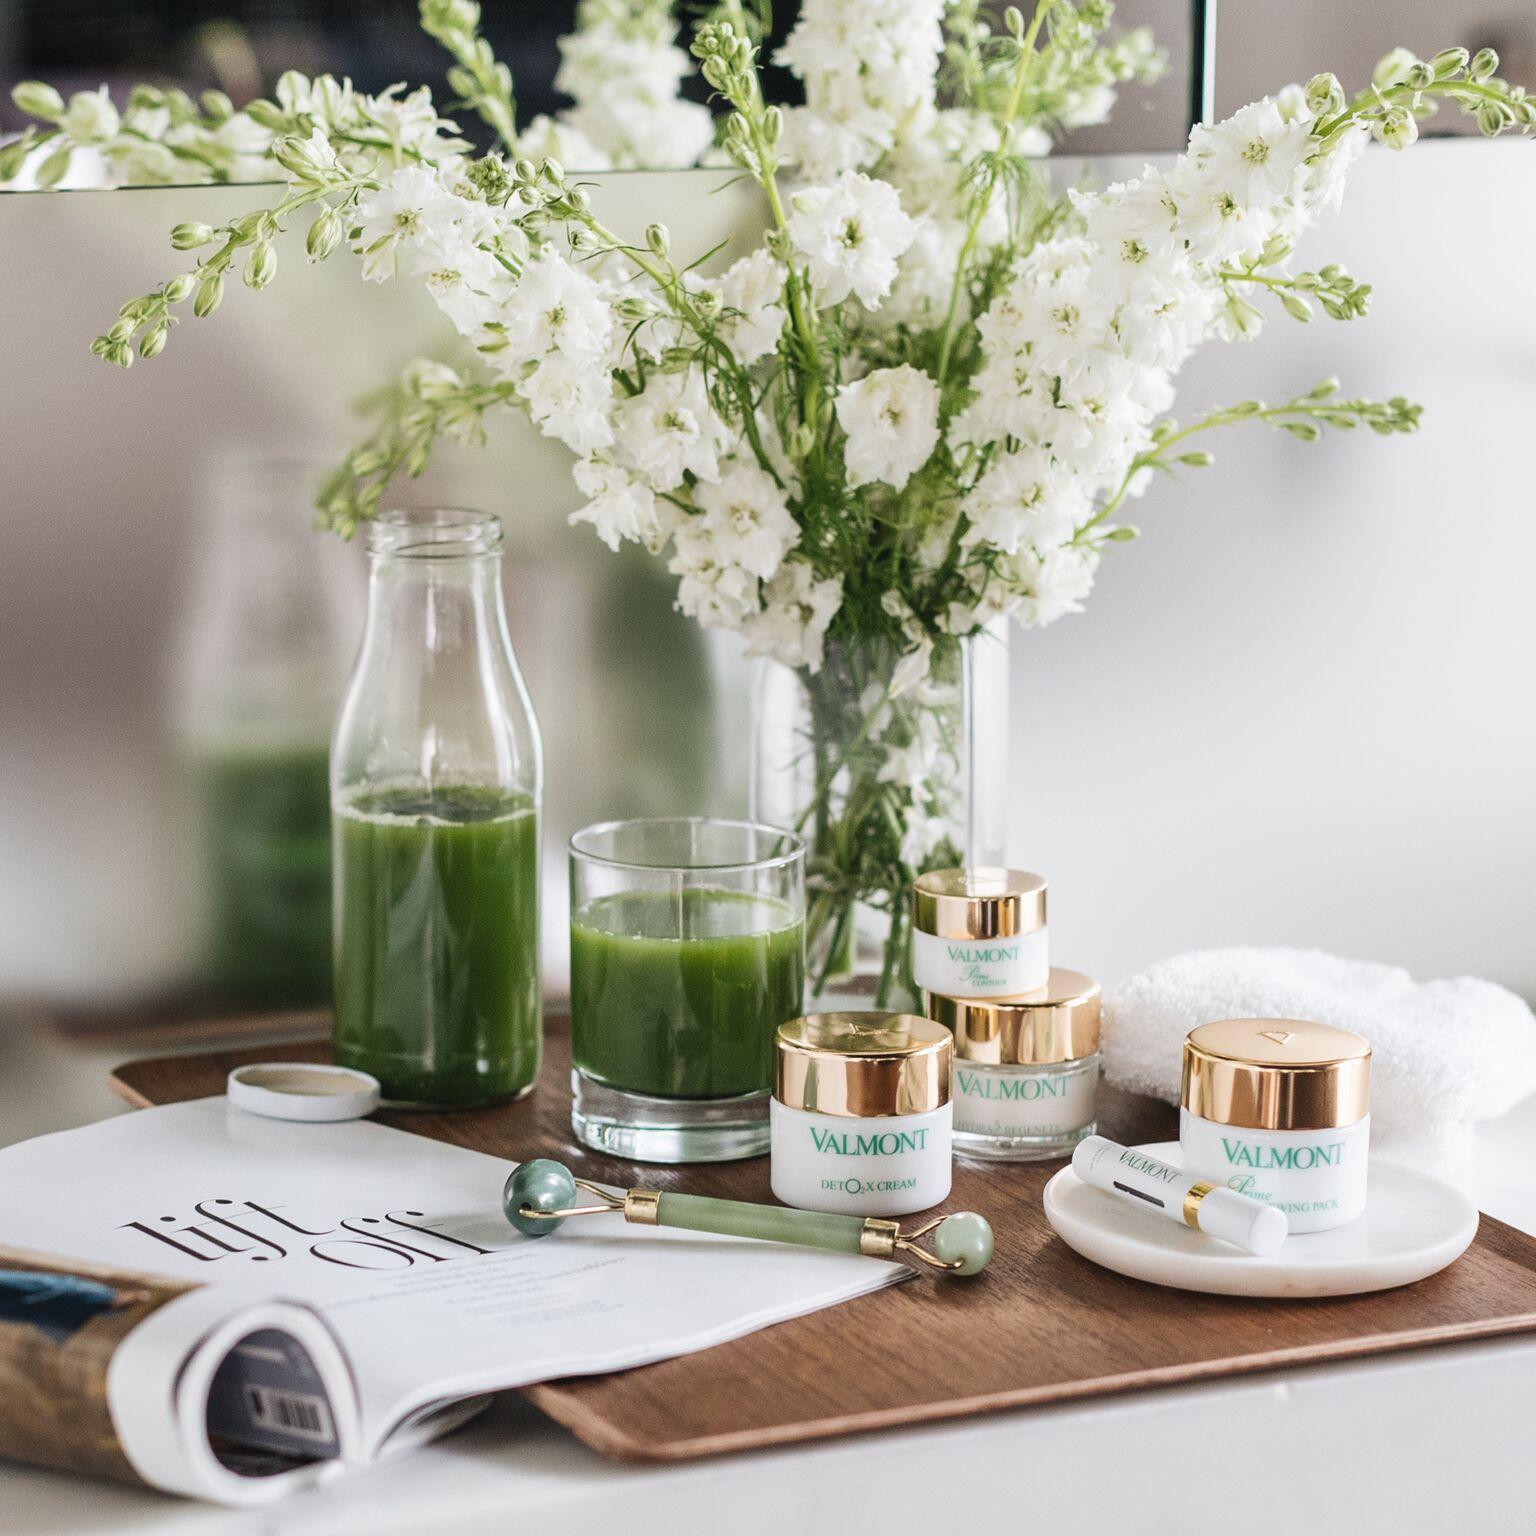 valmont holt renfrew best skin care beauty blog mademoiselle jules